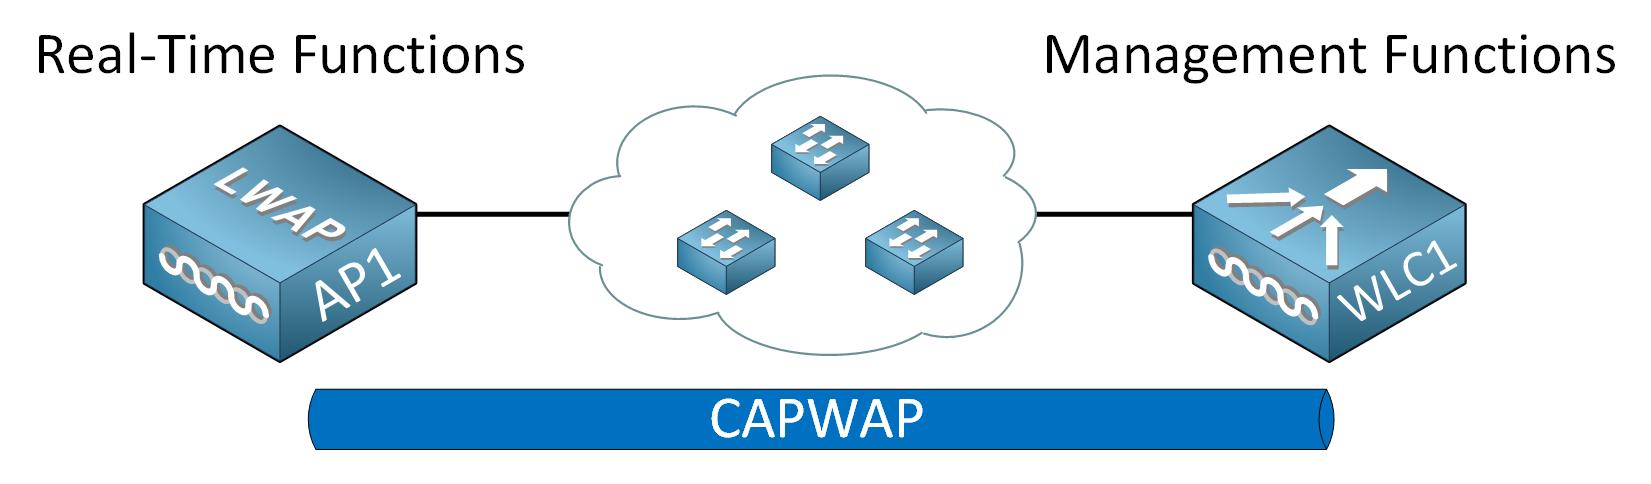 Cisco Architecture Wlc Ap Realtime Management Functions